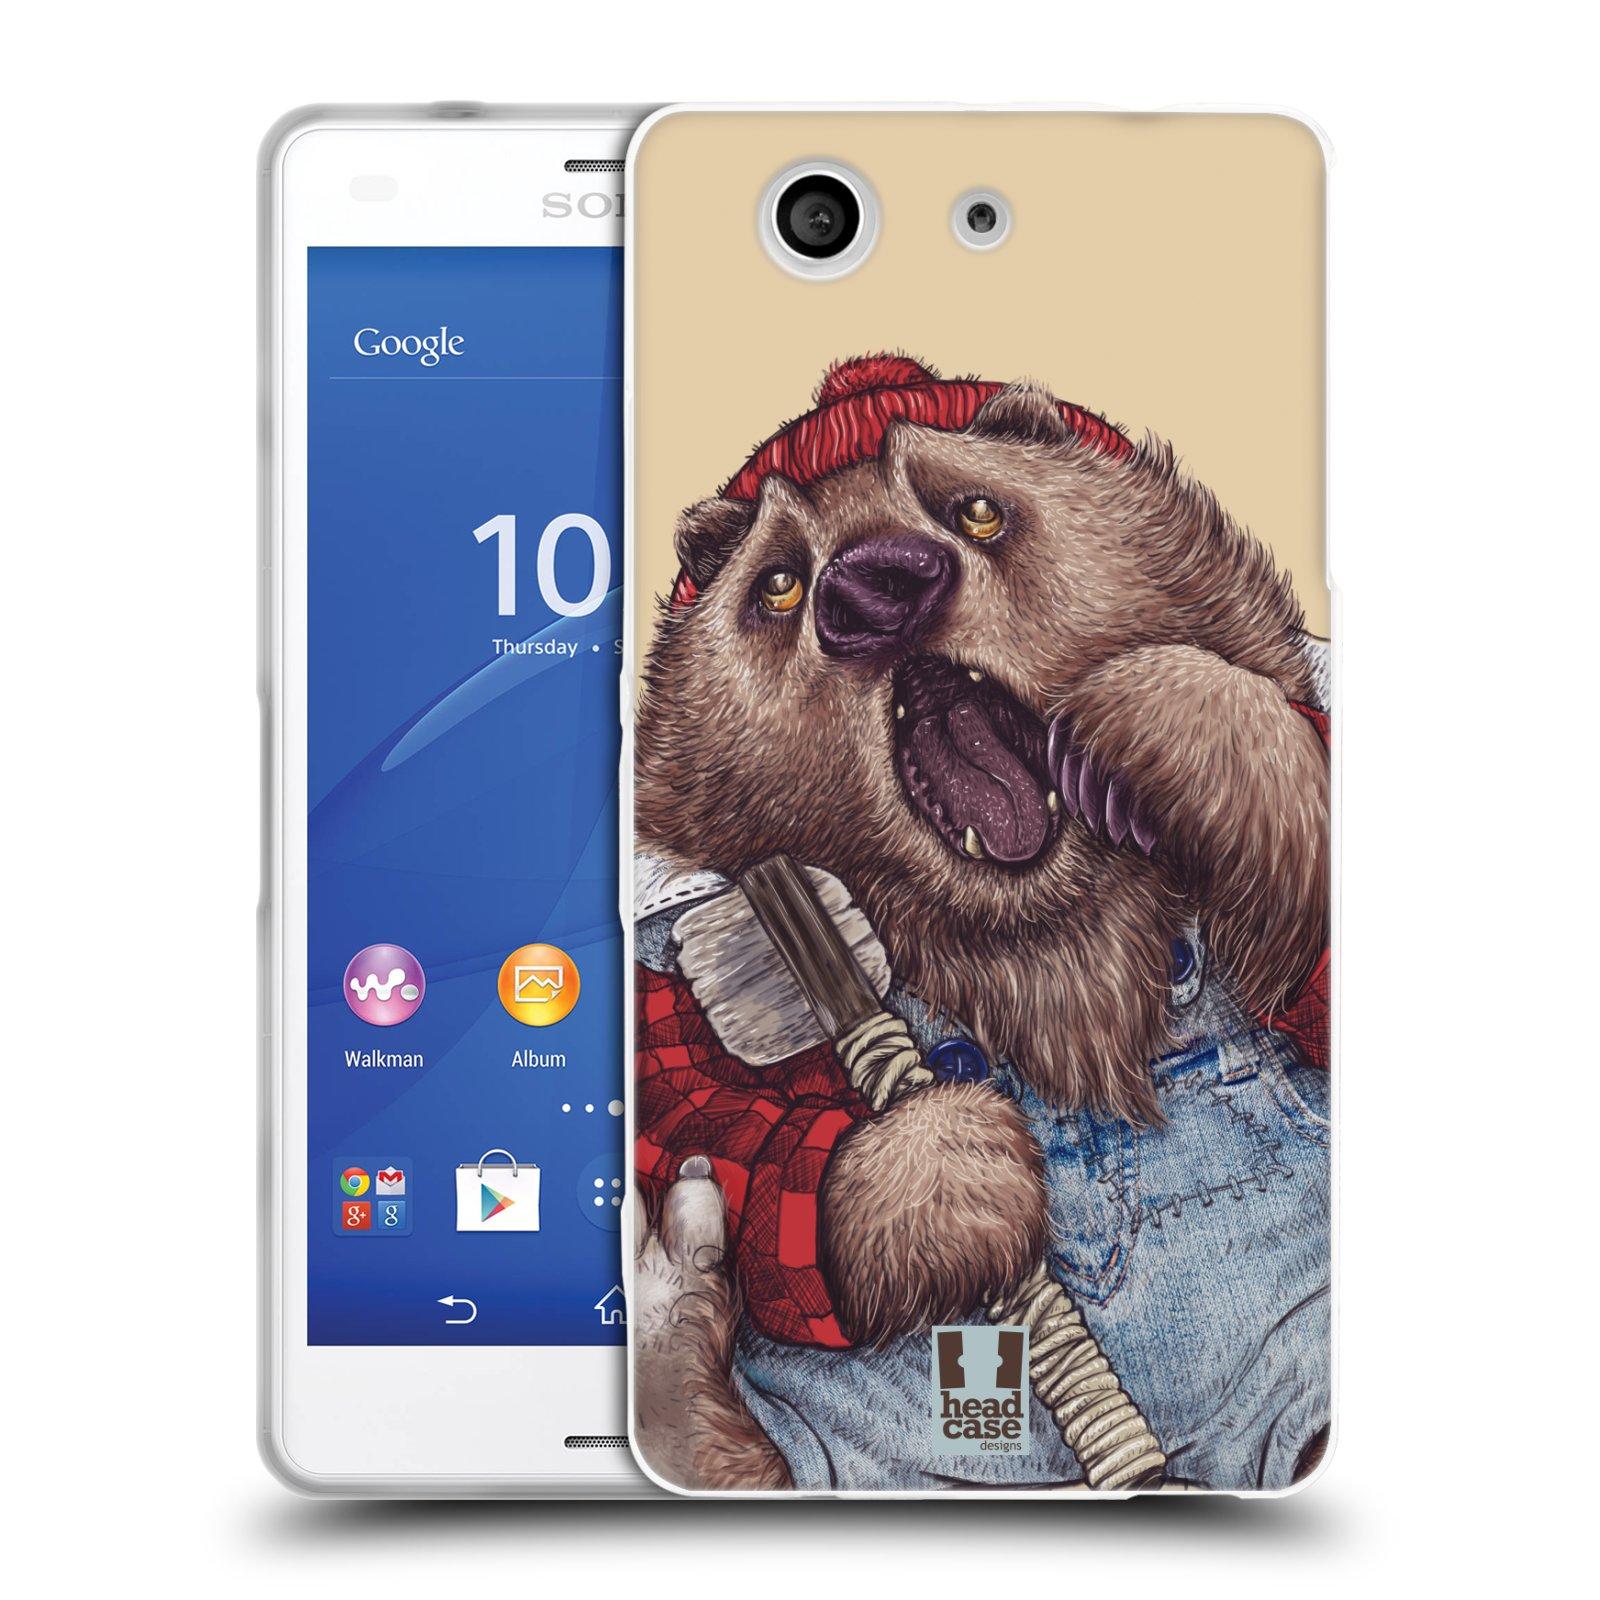 HEAD CASE silikonový obal na mobil Sony Xperia Z3 COMPACT (D5803) vzor Kreslená zvířátka medvěd